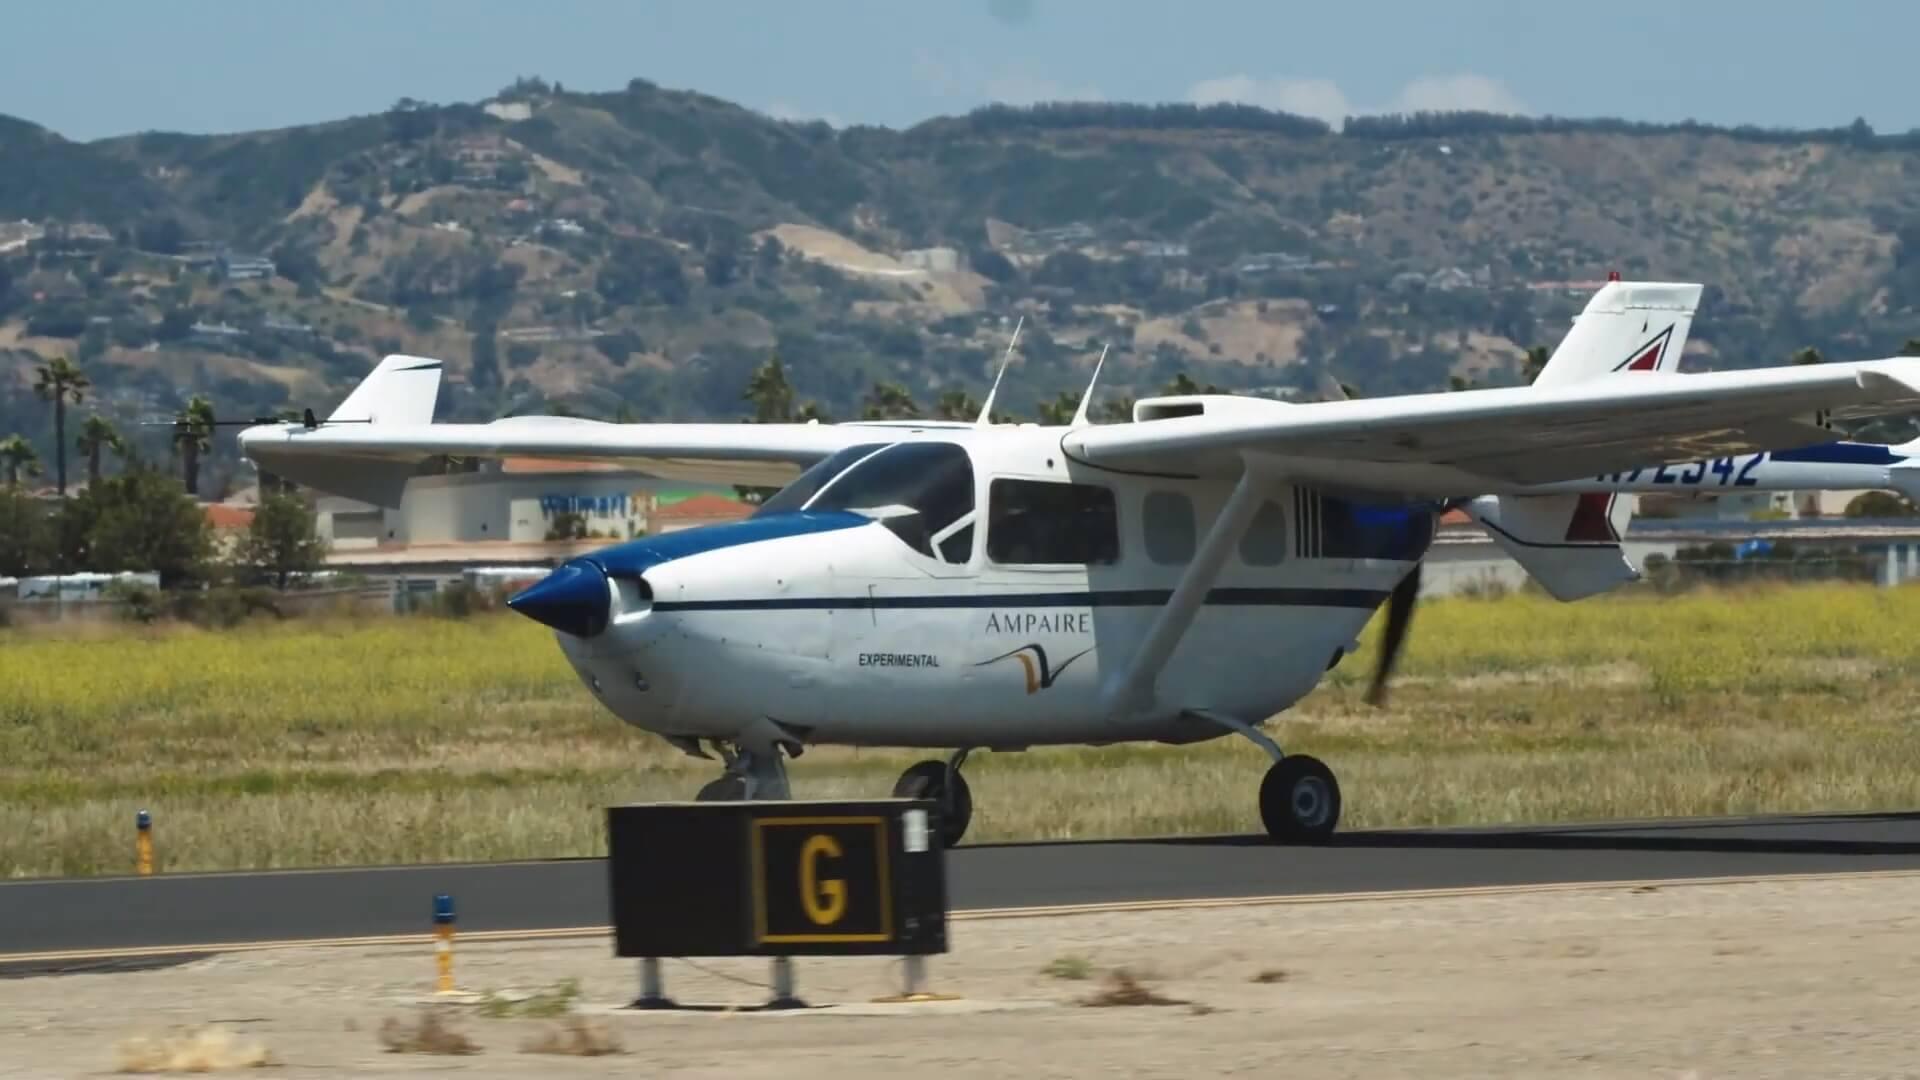 6-ти местный гибридный самолет Ampaire 337